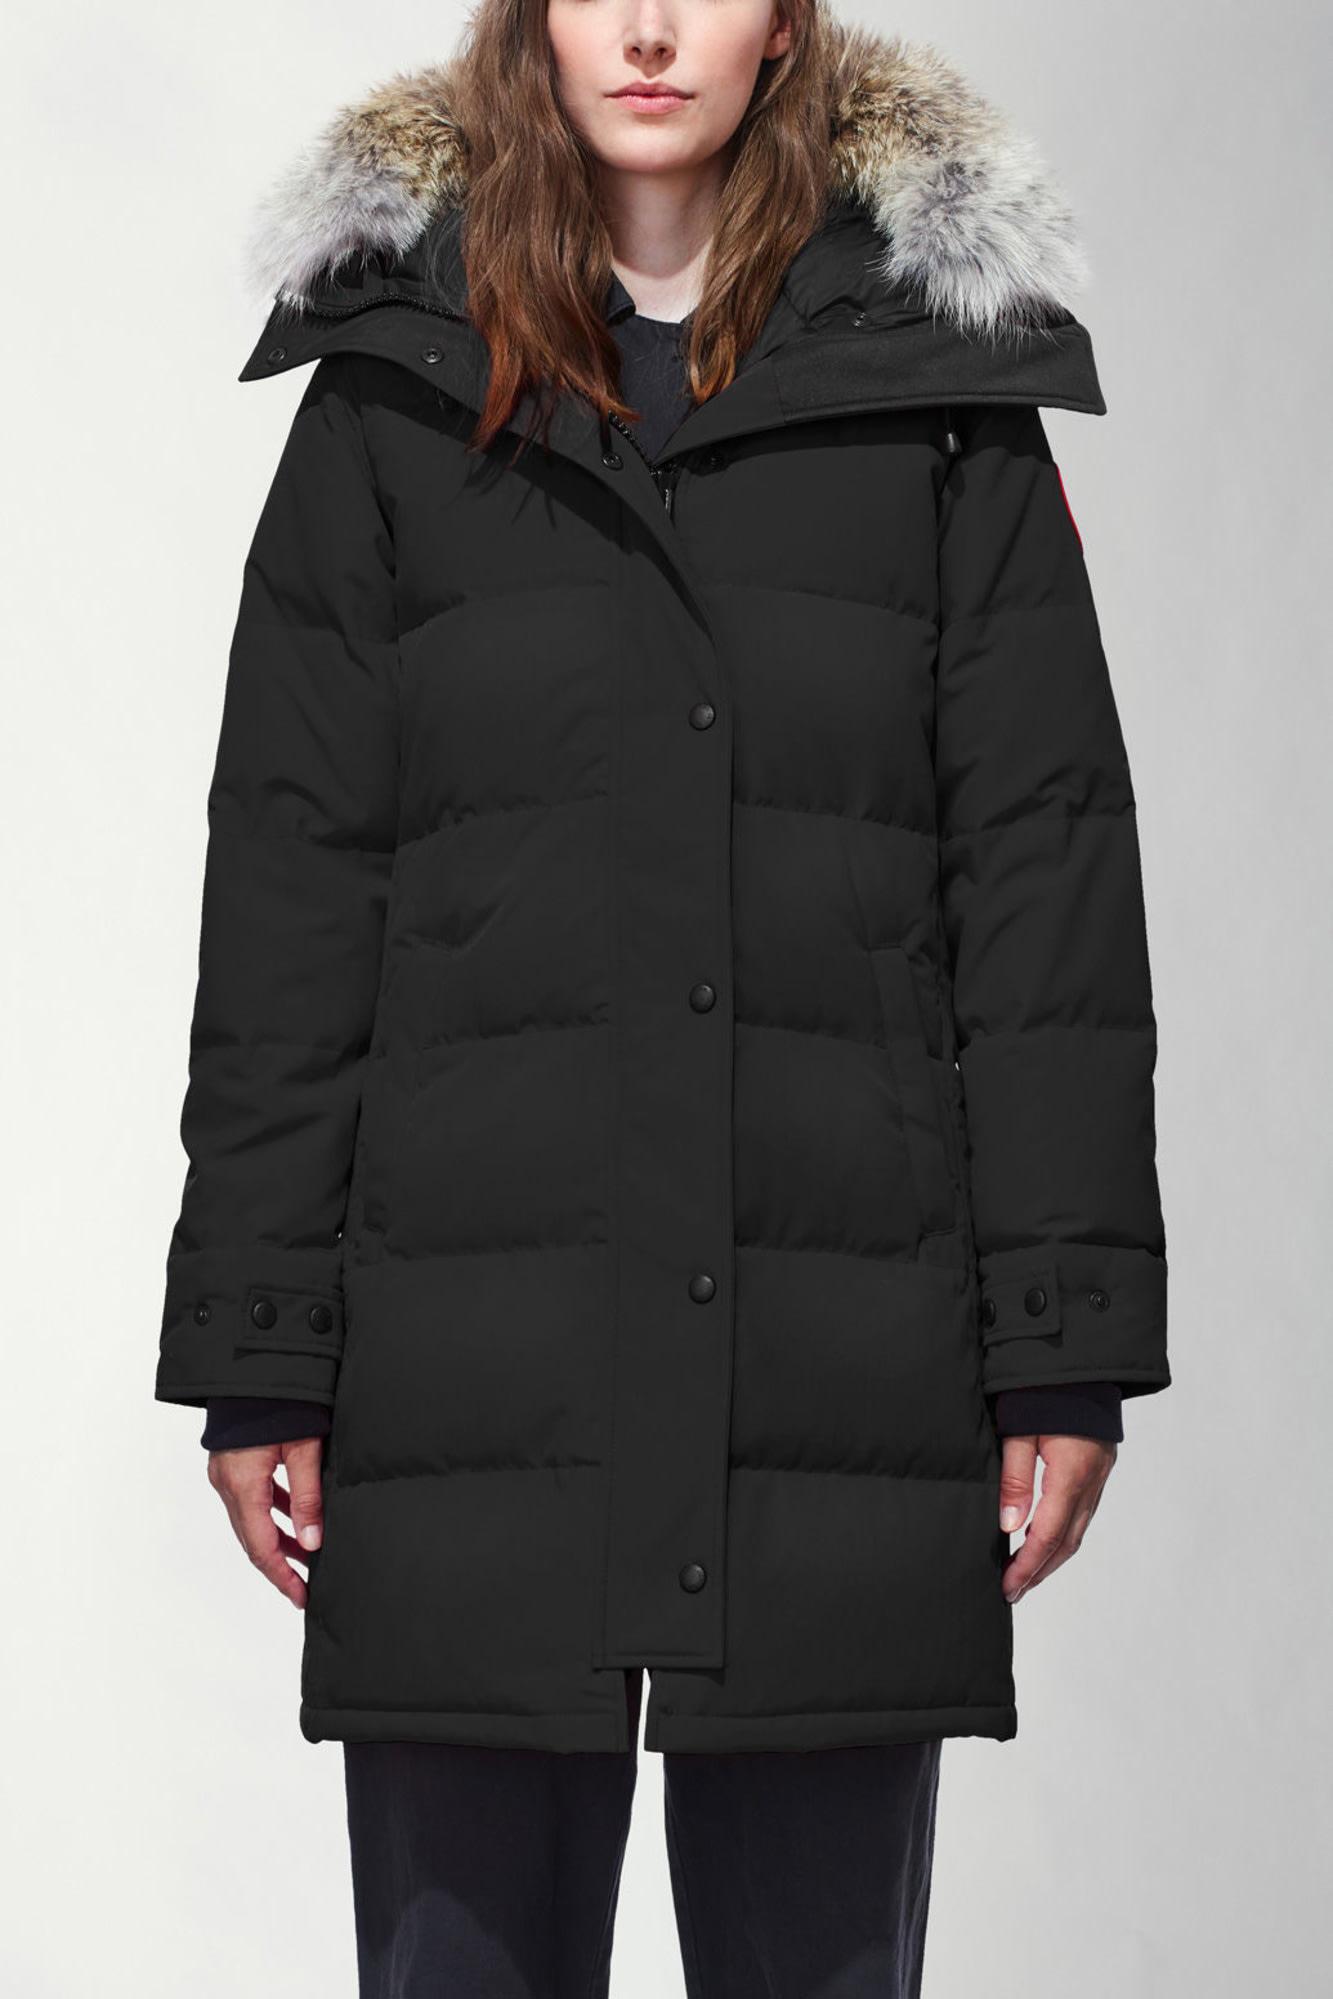 canada goose jackets womens ebay